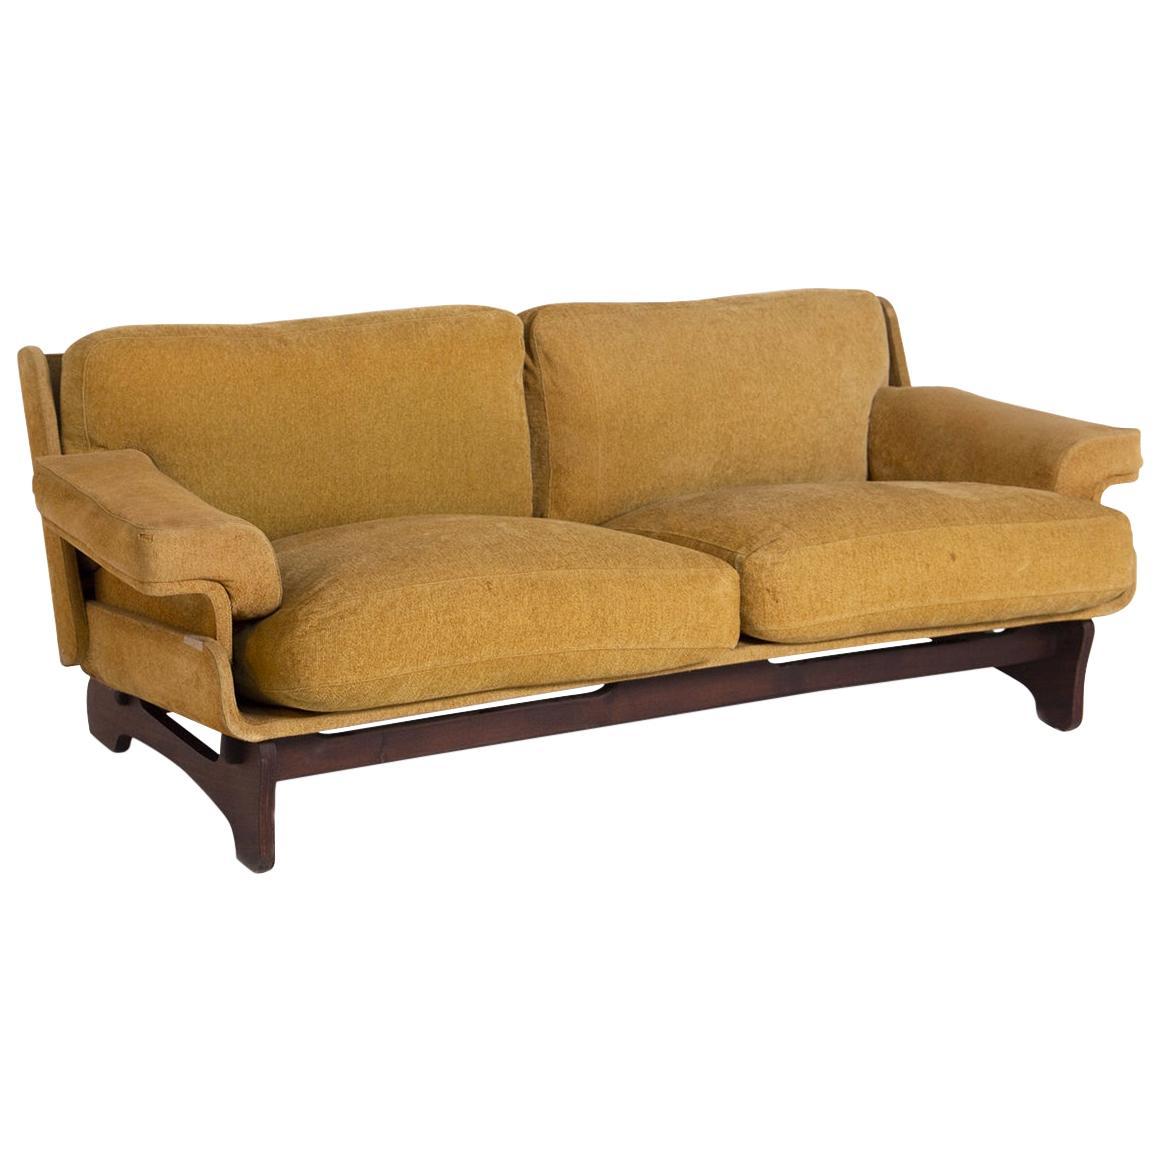 Vintage Sofa by G. Rossi di Albizzate, 1960s